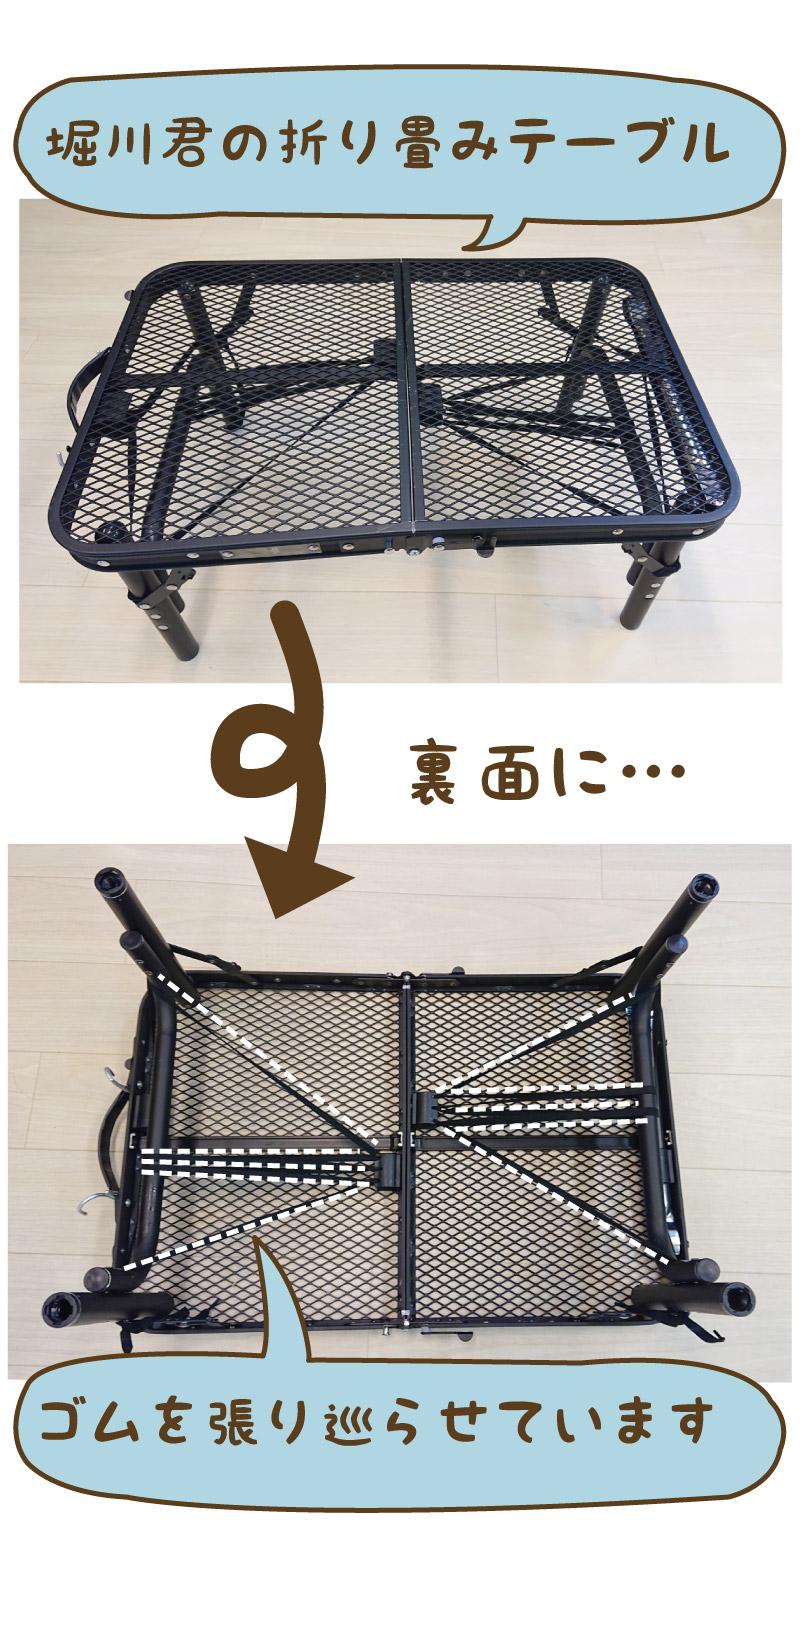 堀川くんの折り畳みテーブルの写真(裏面にゴムが張ってあります)